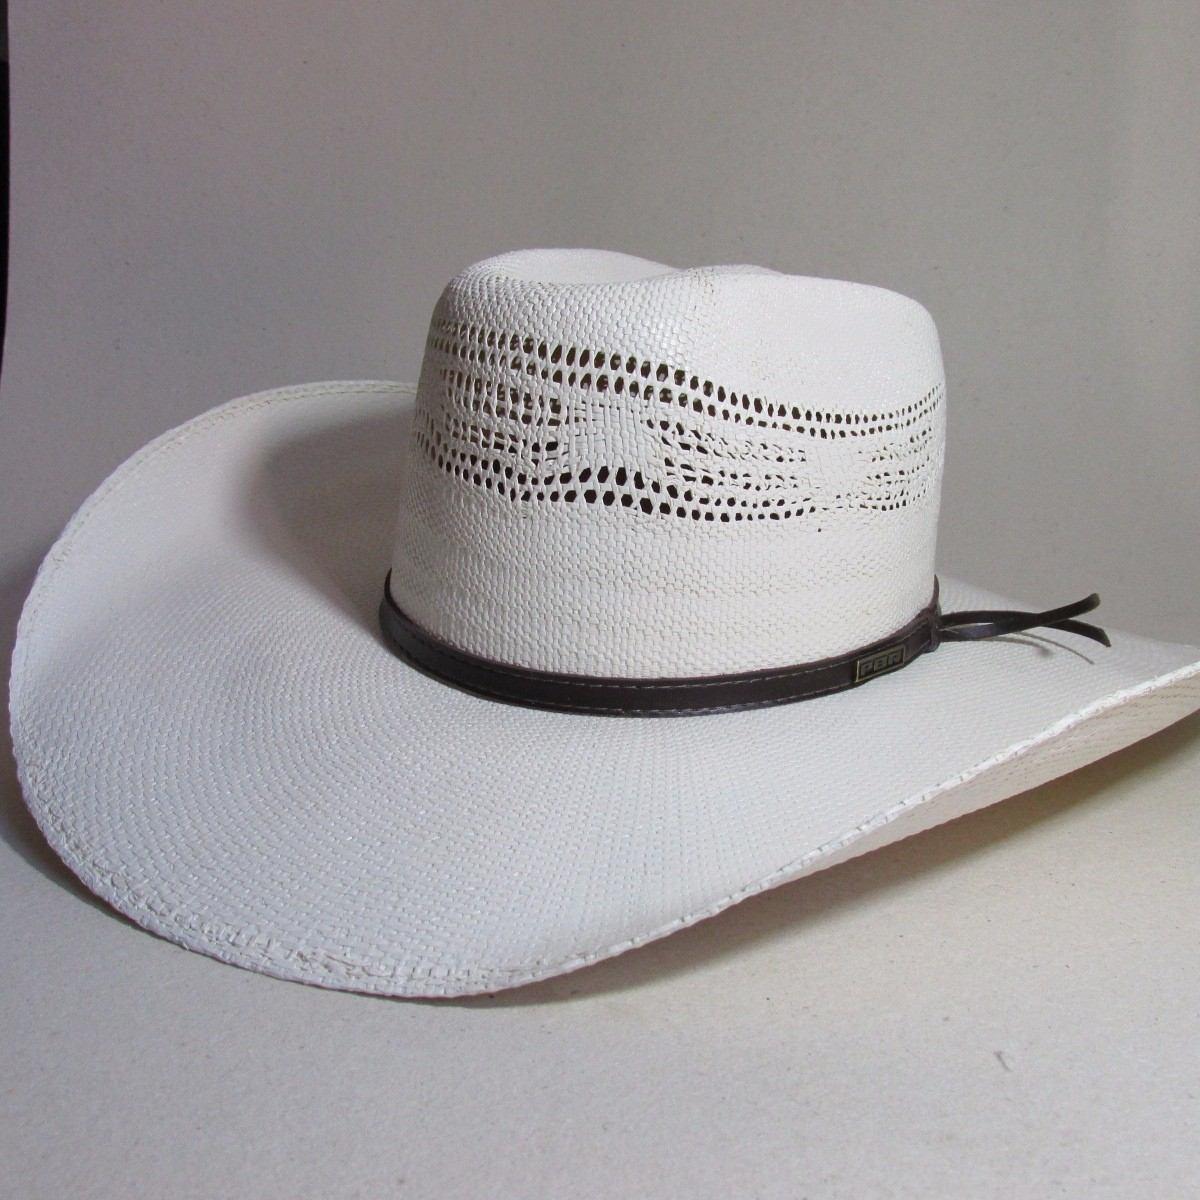 1a549a7cfec38 chapéu palha bangora pbr country aba12cm cor marfim tam 56. Carregando zoom.